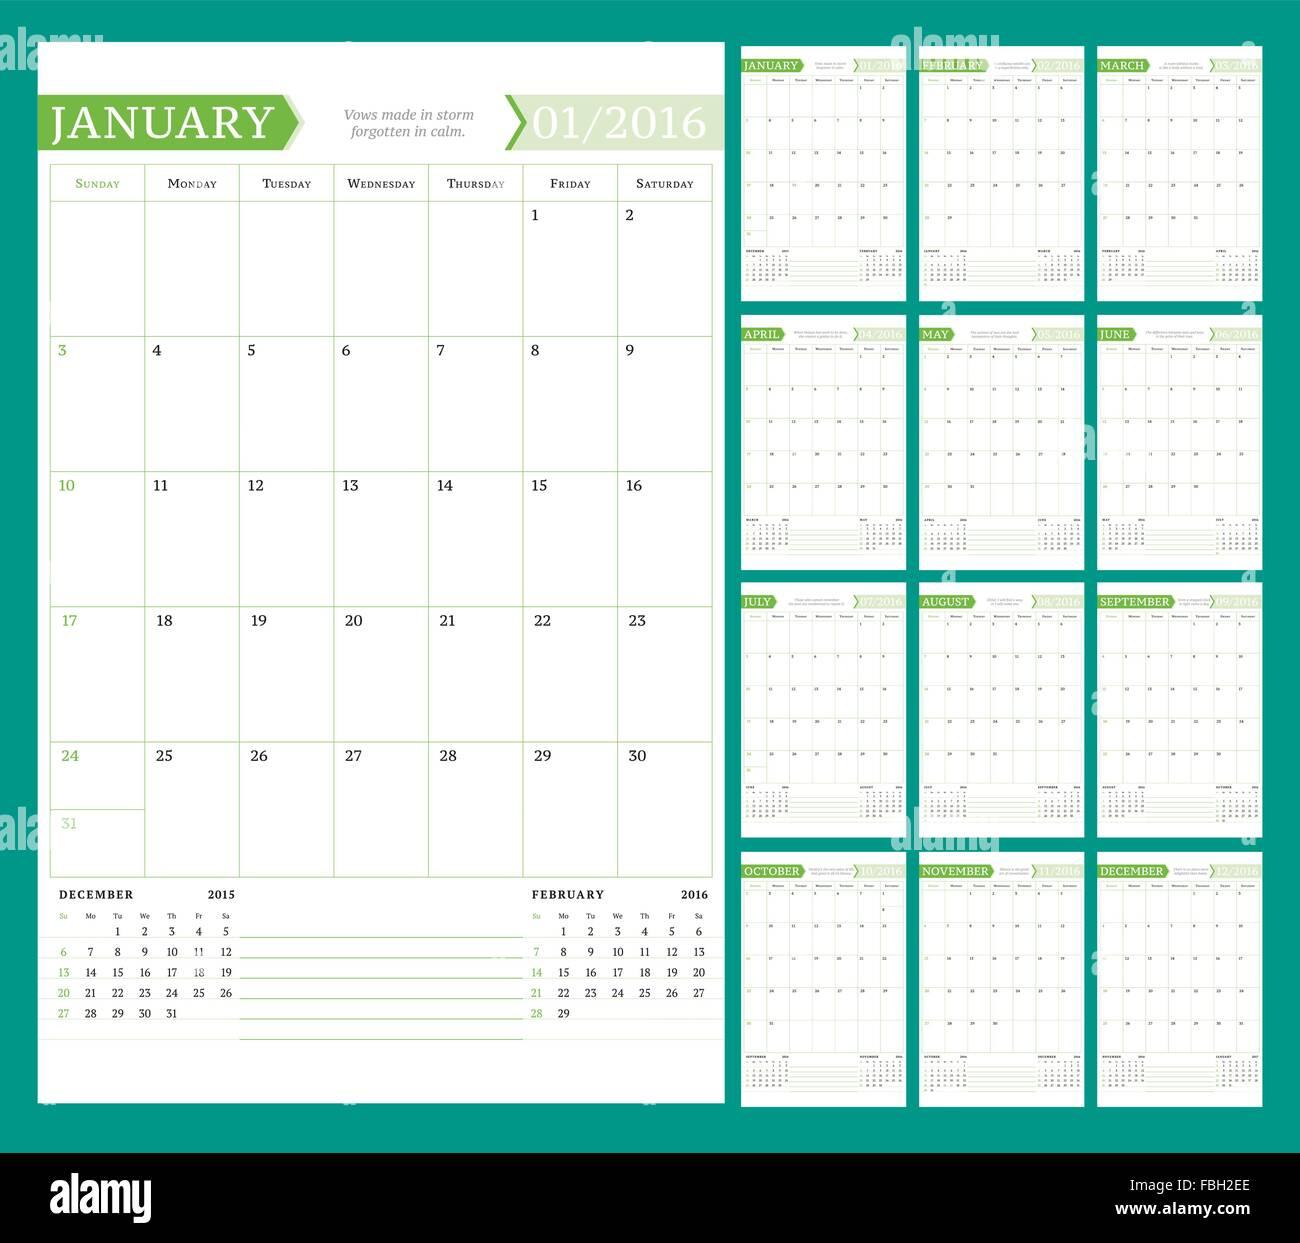 Year Planner Stockfotos & Year Planner Bilder - Alamy